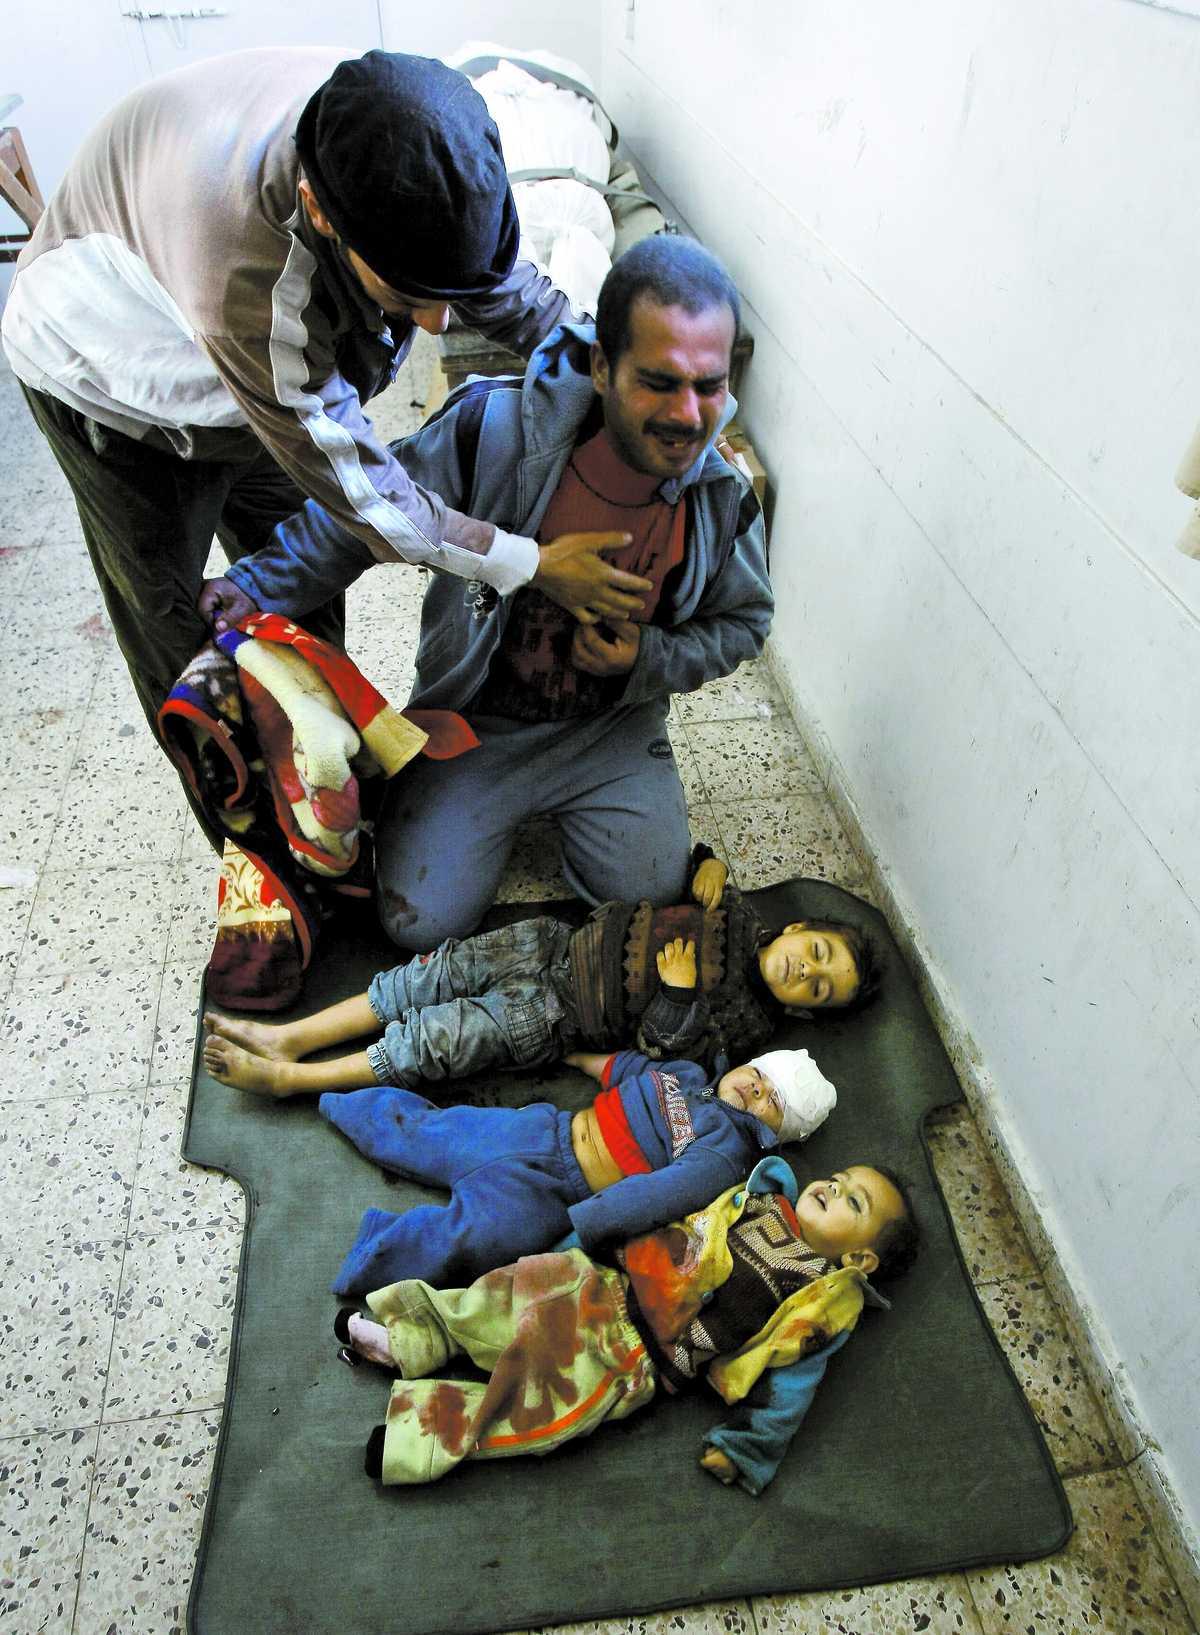 """BÅRHUSET Shifasjukhuset i Gaza City. Framför Halmy al-Samouni ligger hans son Mohammed – bortryckt av en israelisk raket, tillsammans med kusinerna Motasen och Ahmed. """"De betydde allt för mig. Nu när de dött känner jag mig ensam"""", säger han till Aftonbladet. I måndags begravdes barnen."""